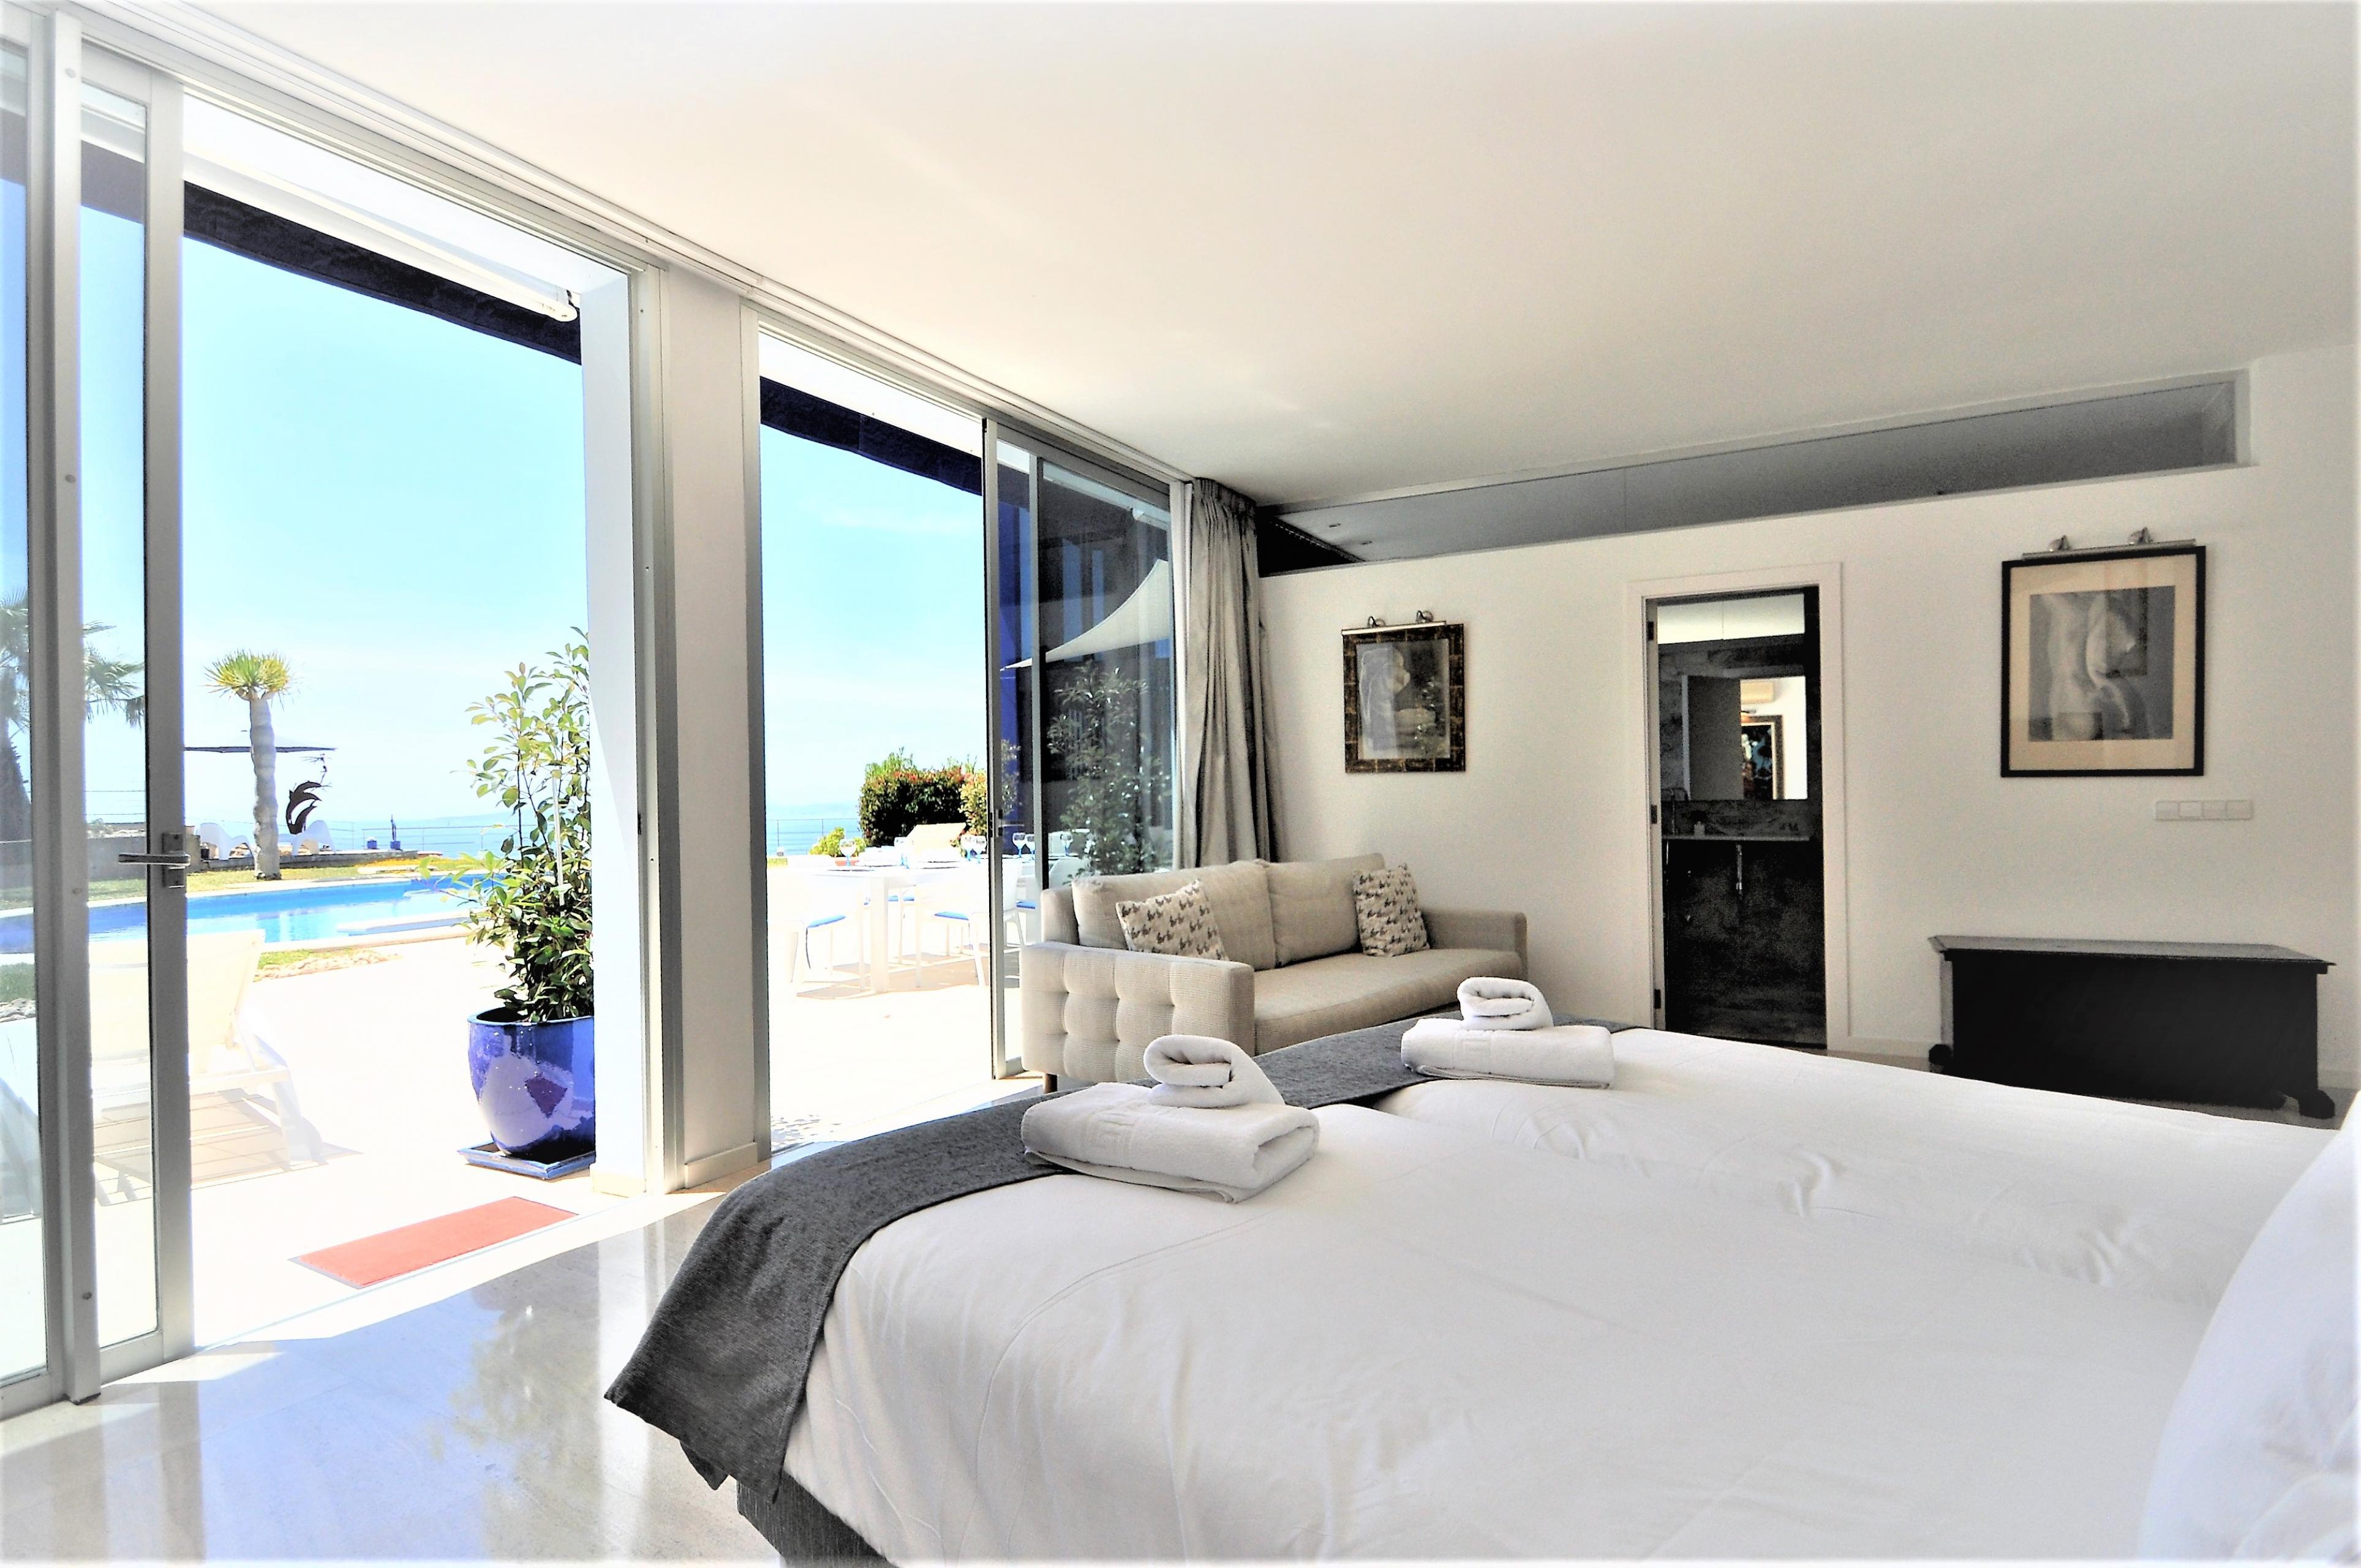 Maison de vacances VILLA BAY BLUE- Bahia Azul- Mallorca - VILLAONLINE - Kostenloses WLAN (2684052), Bahia Azul, Majorque, Iles Baléares, Espagne, image 29